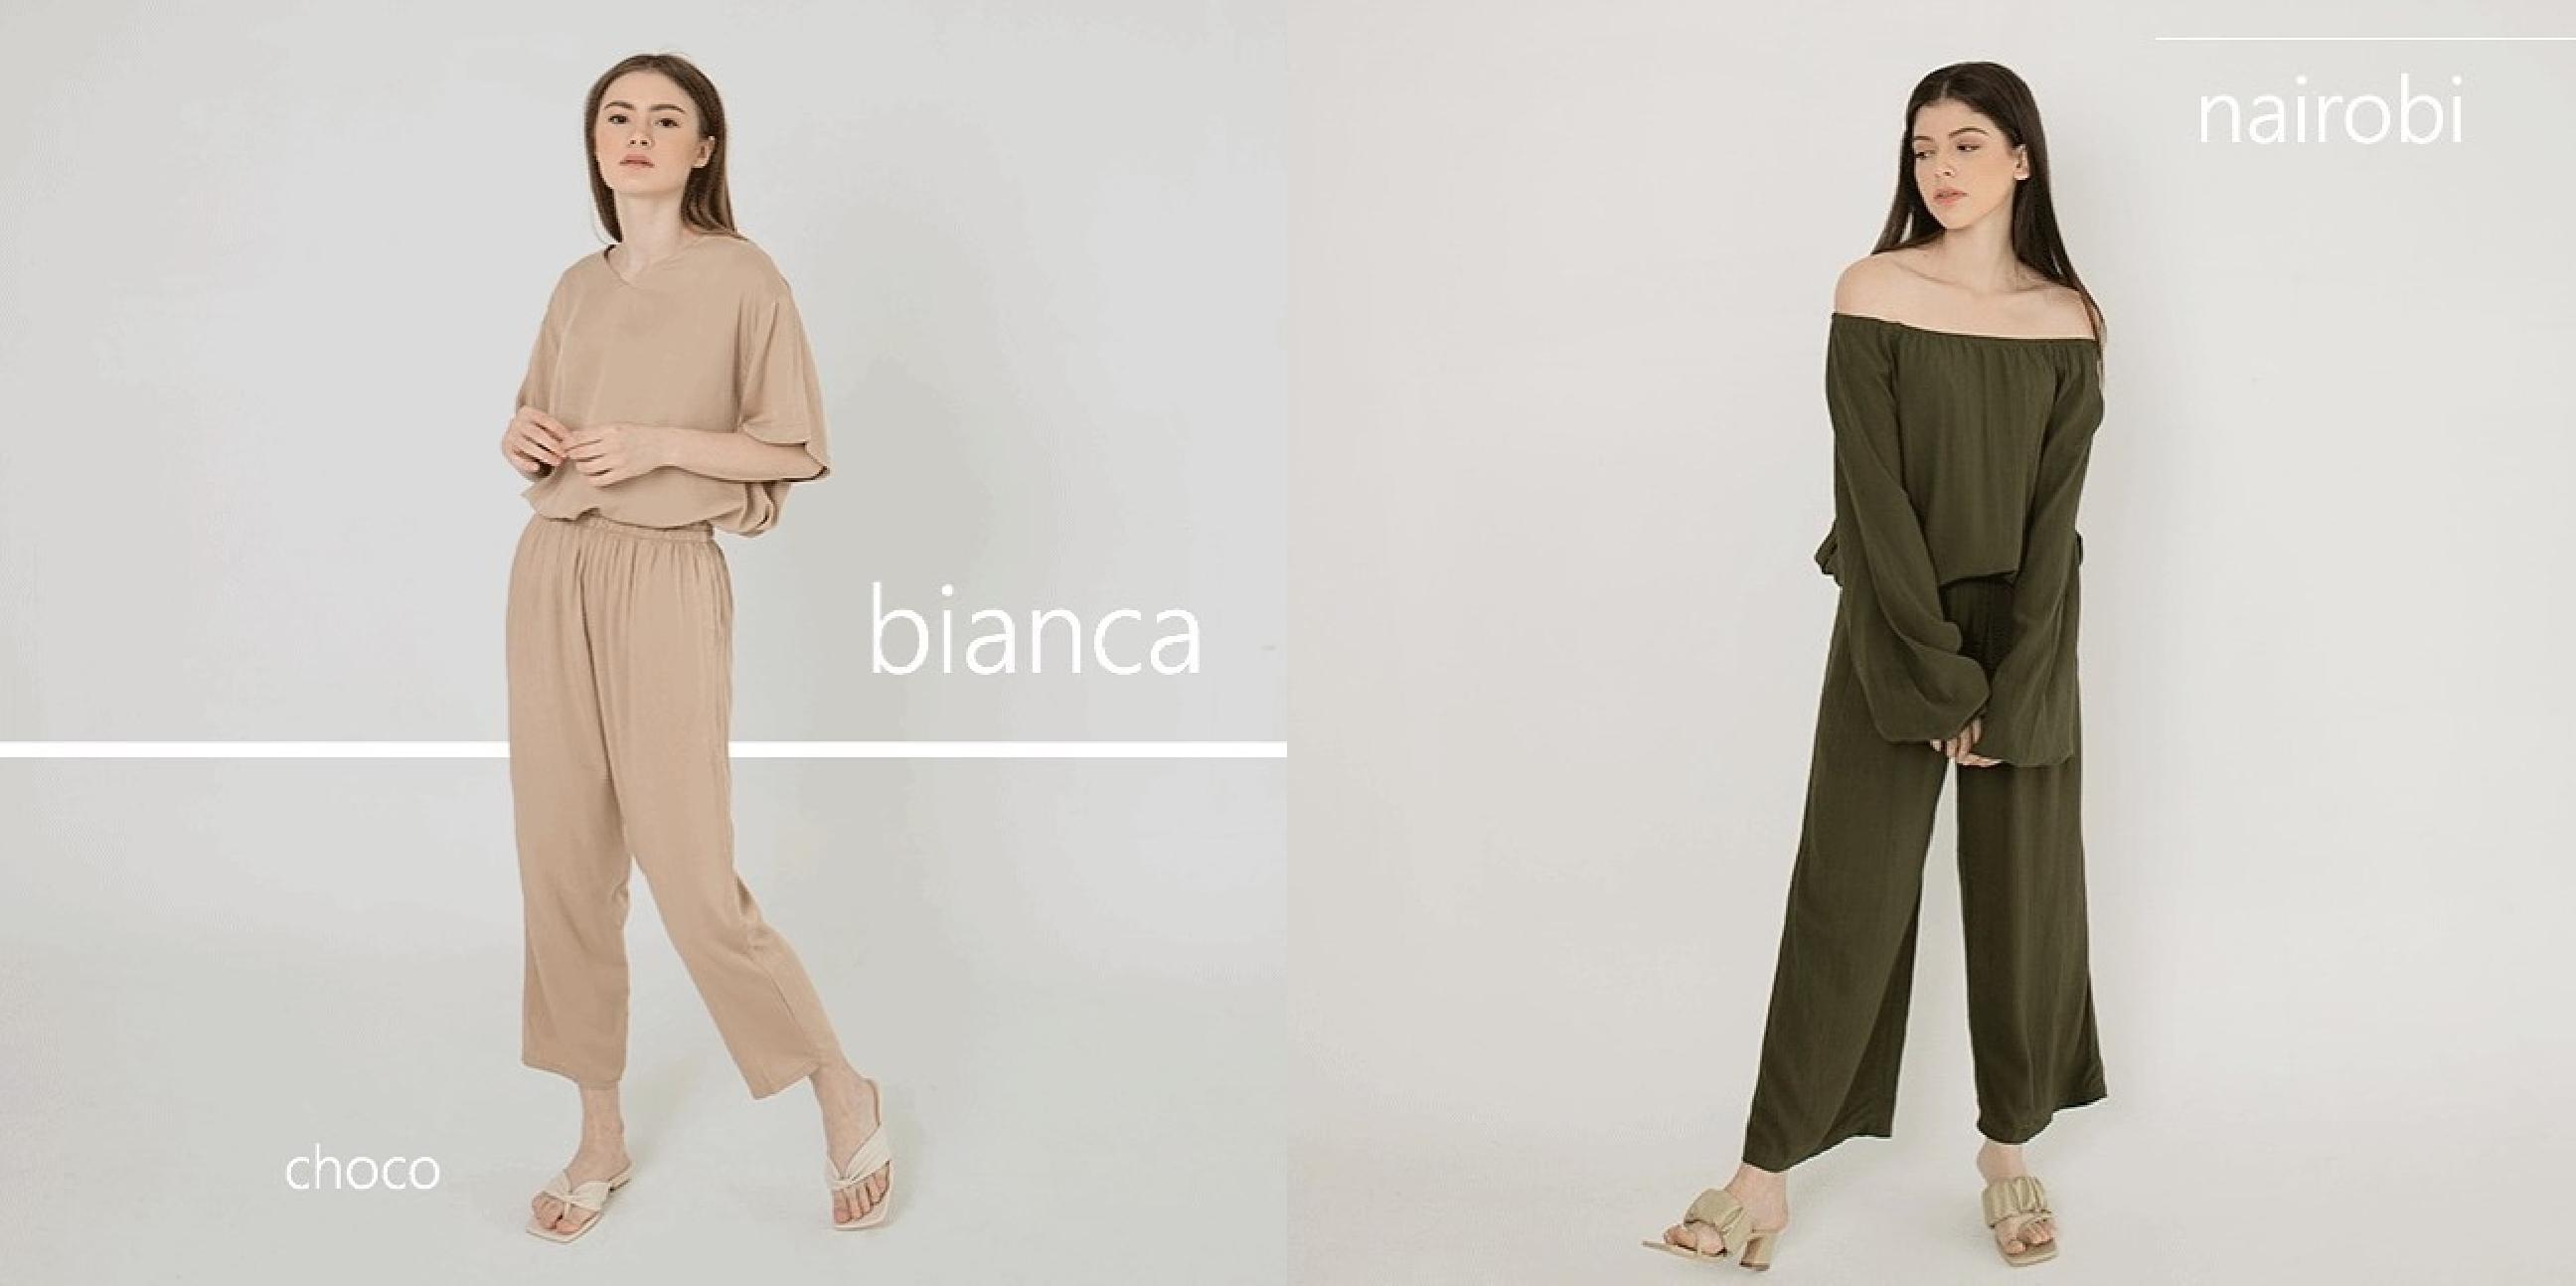 Terinspirasi baju emak-emak, blogger ini kreasikan fashion homewear